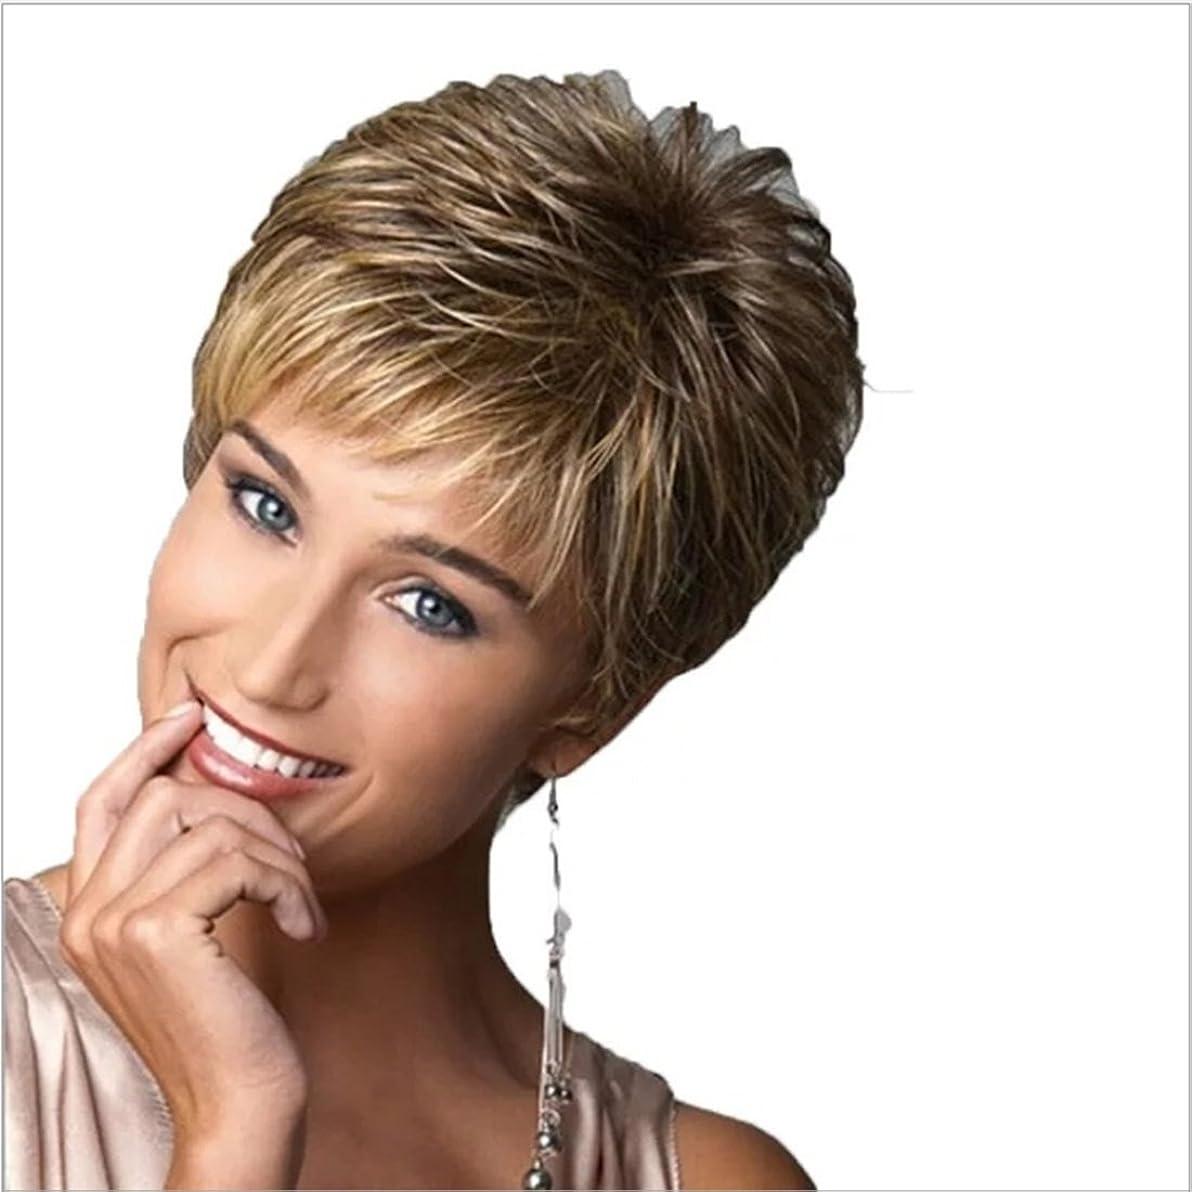 安心収まる星Doyvanntgo 女性のためのふわふわの短いウィッグ女性の毛のための高温ヘアは、フラットバンズのウィッグを着用することができますウィッグは、パーティーのための短いカーリーウィッグを見て120グラム (Color : Light brown silver white highlight)